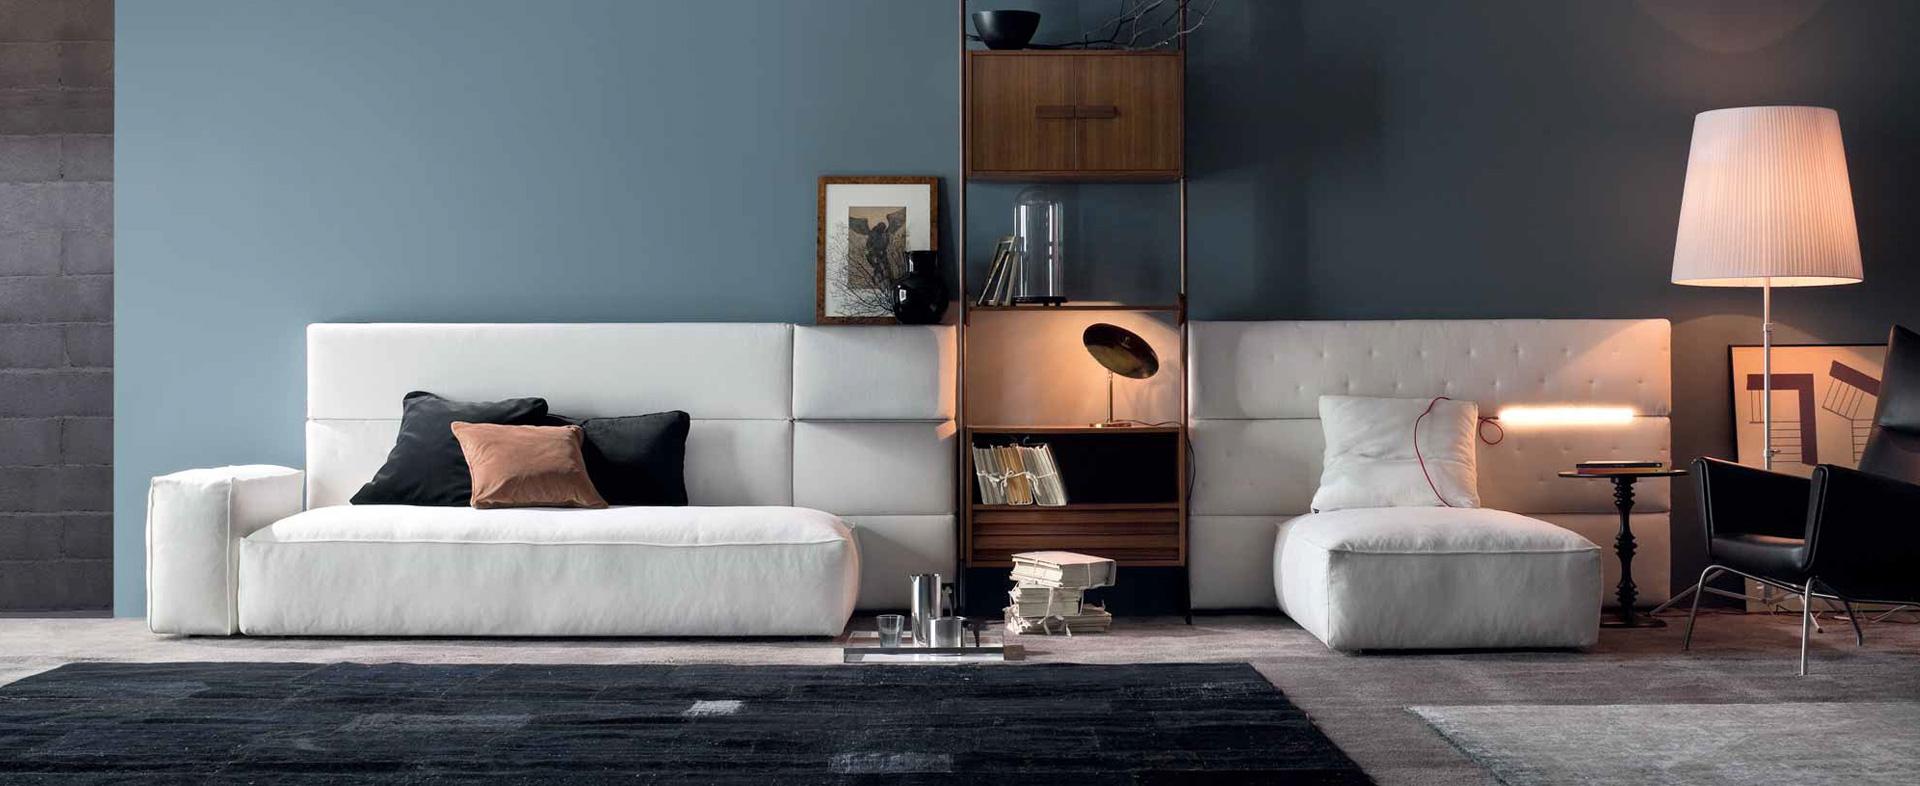 design il trend monochrome fashion times